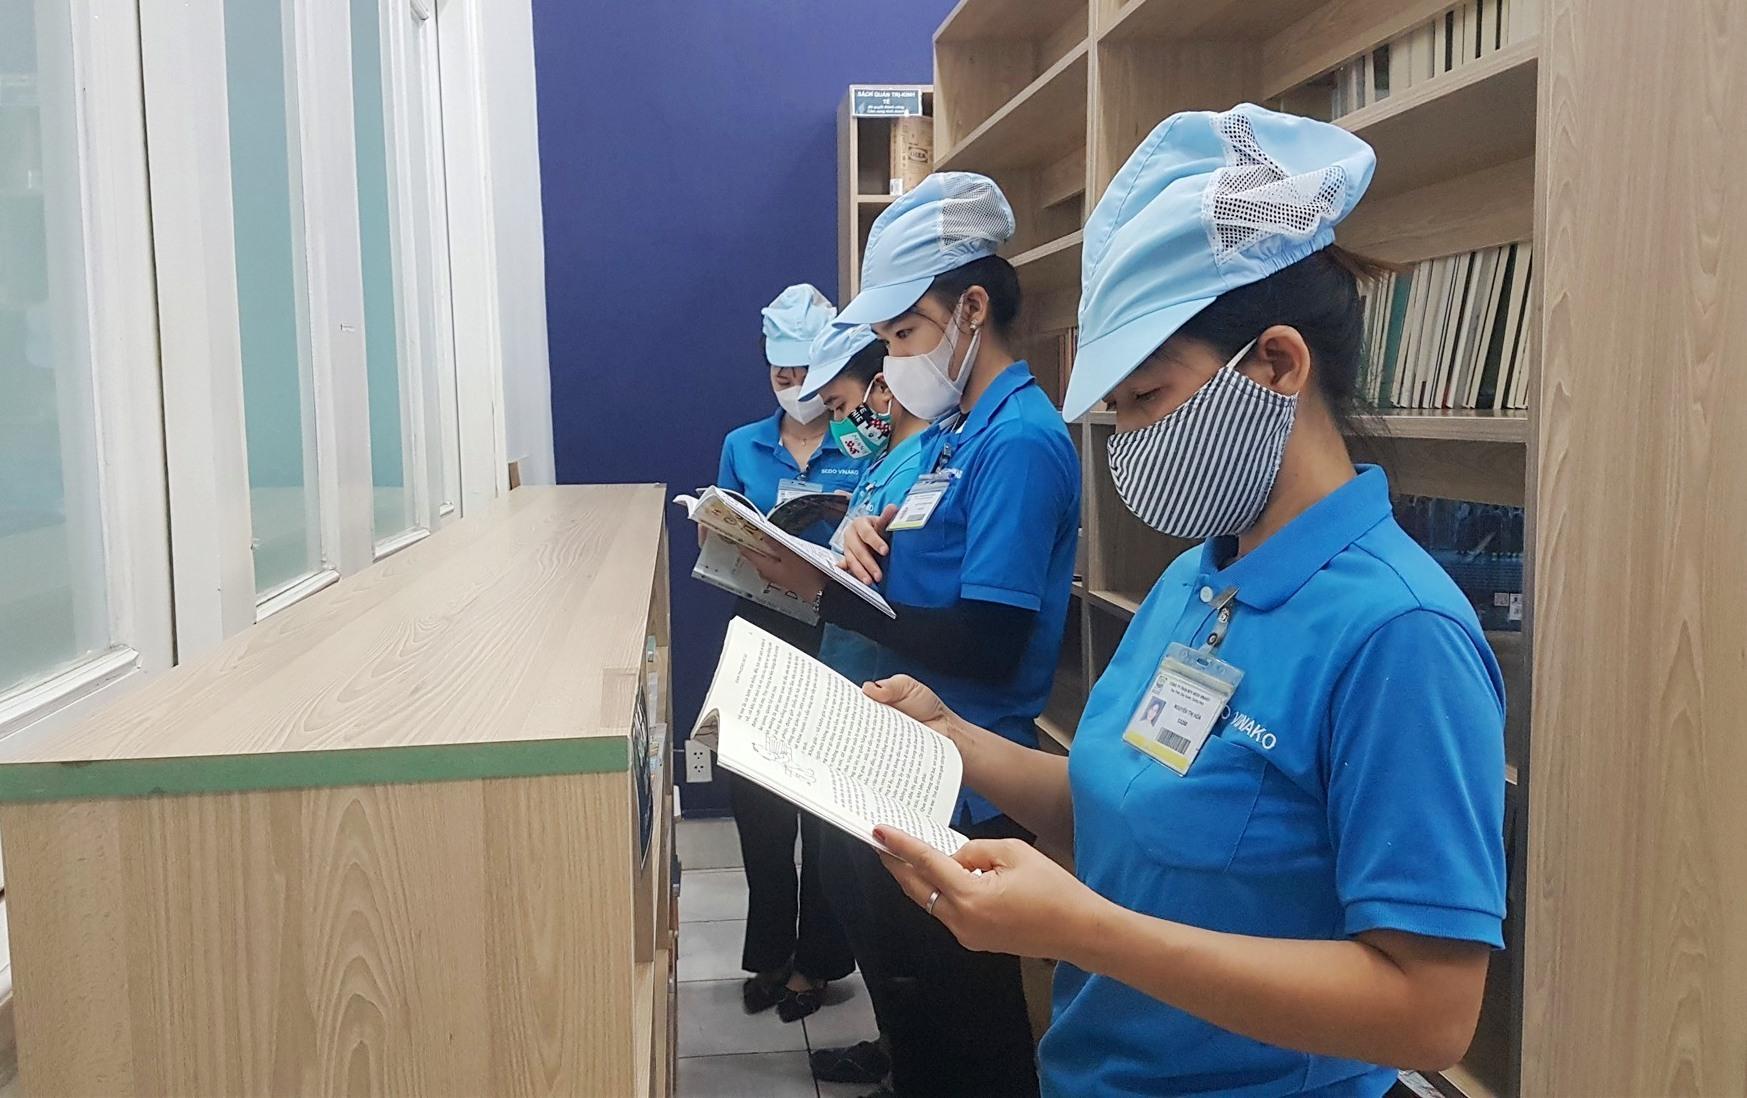 Công nhân lao động tìm hiểu về sách tại thư viện công nhân. Ảnh: D.L